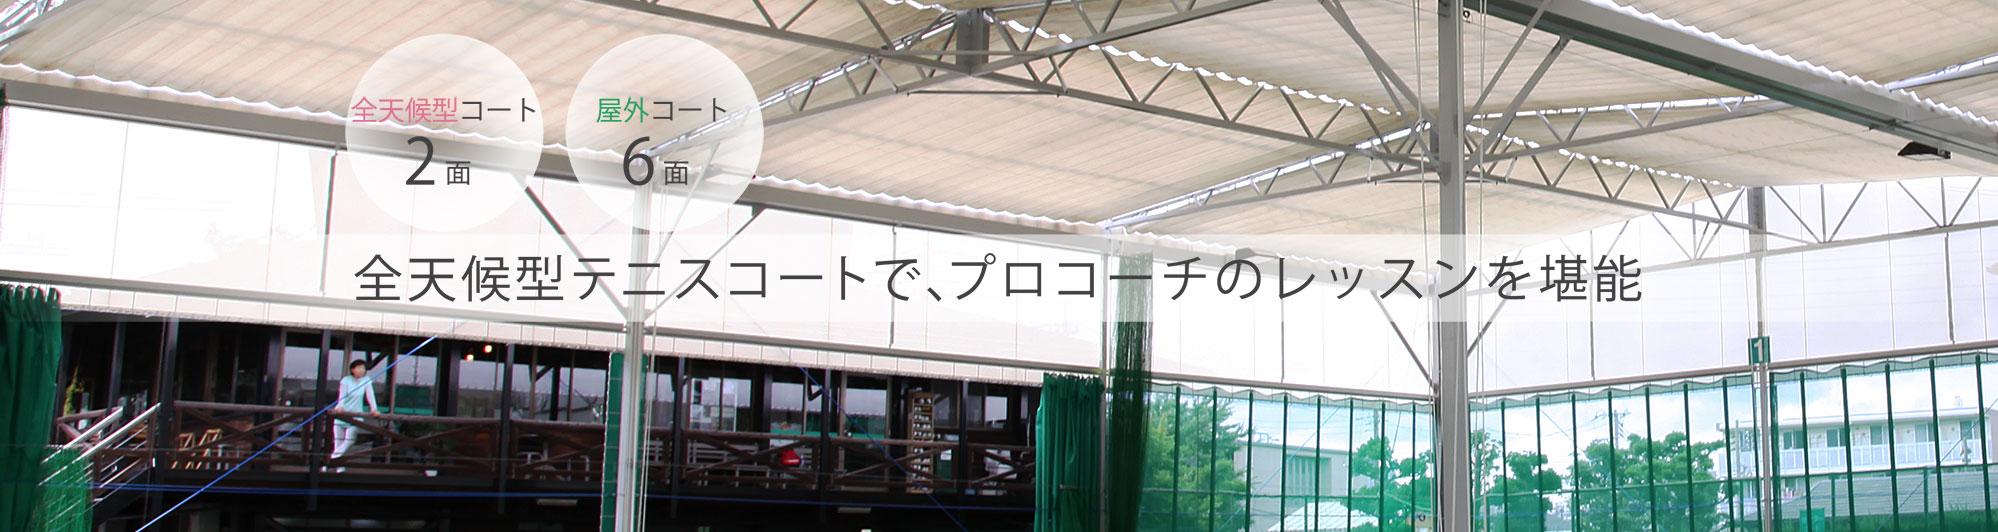 高松ローンテニスクラブ